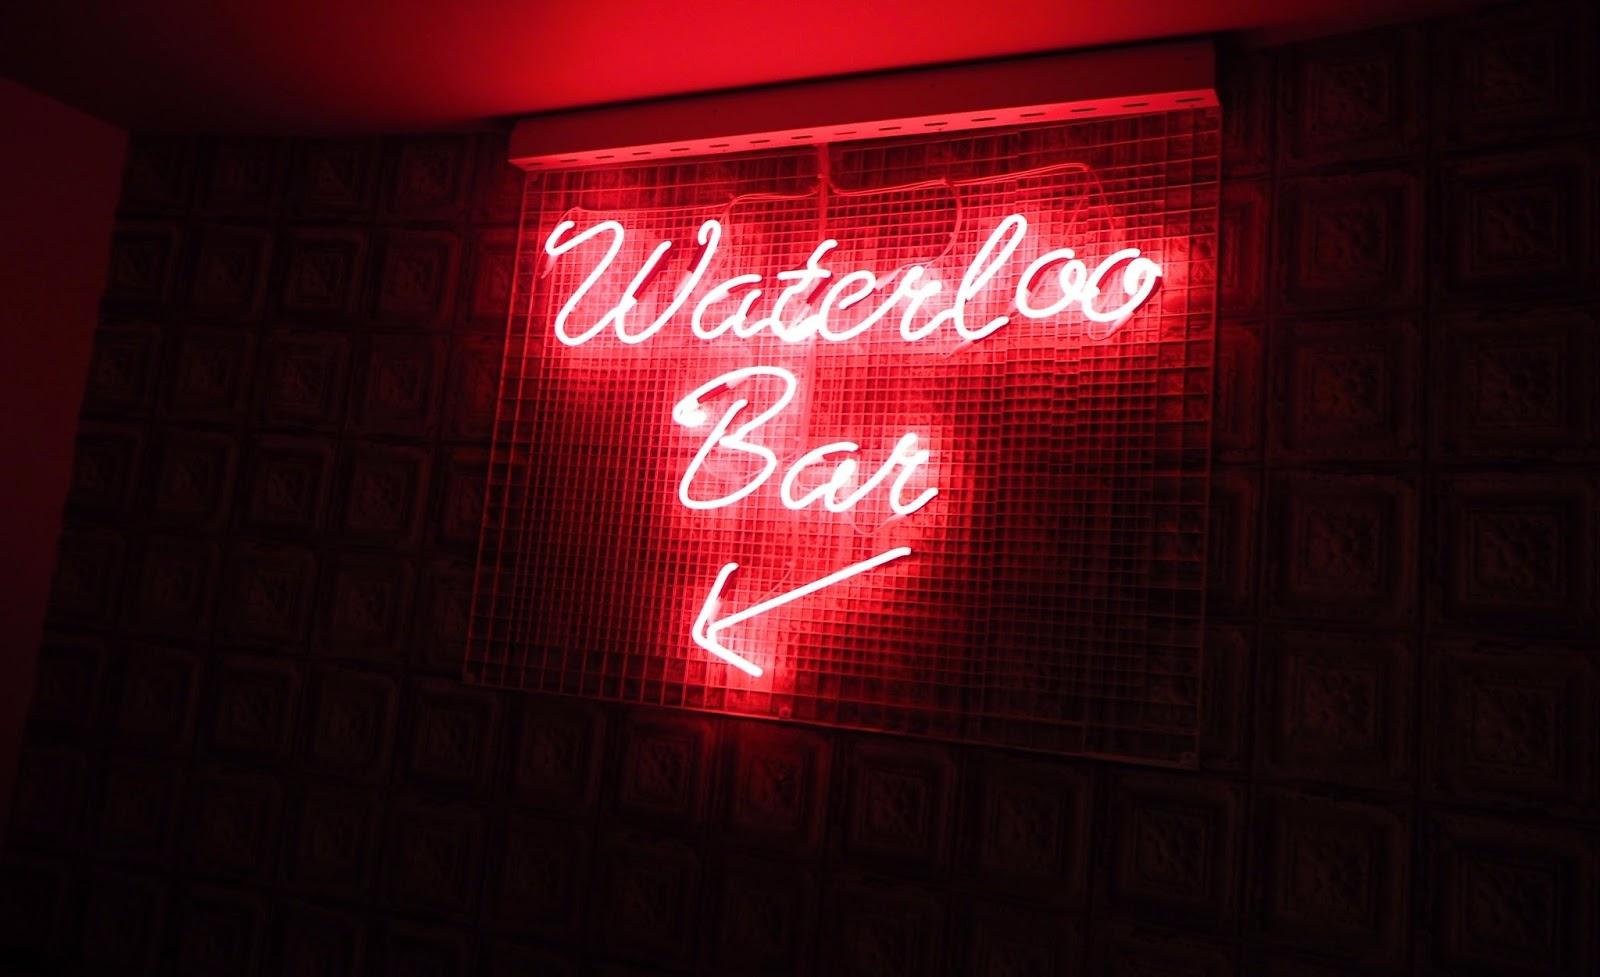 Waterloo Bar